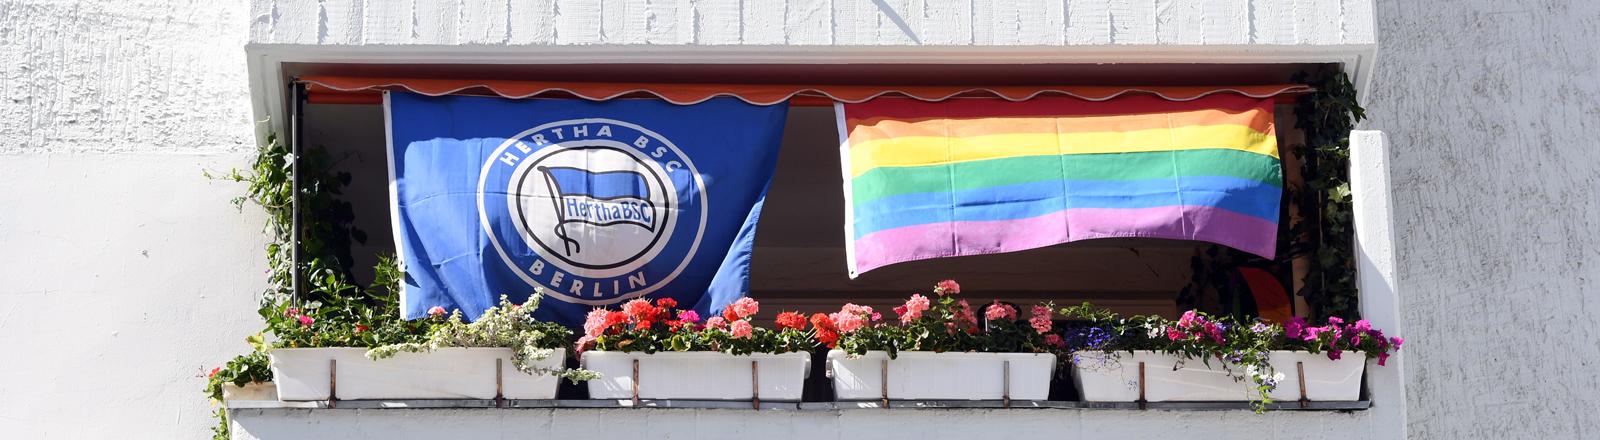 Neben einer Fahne von Hertha BSC hängt eine Regenbogenflagge